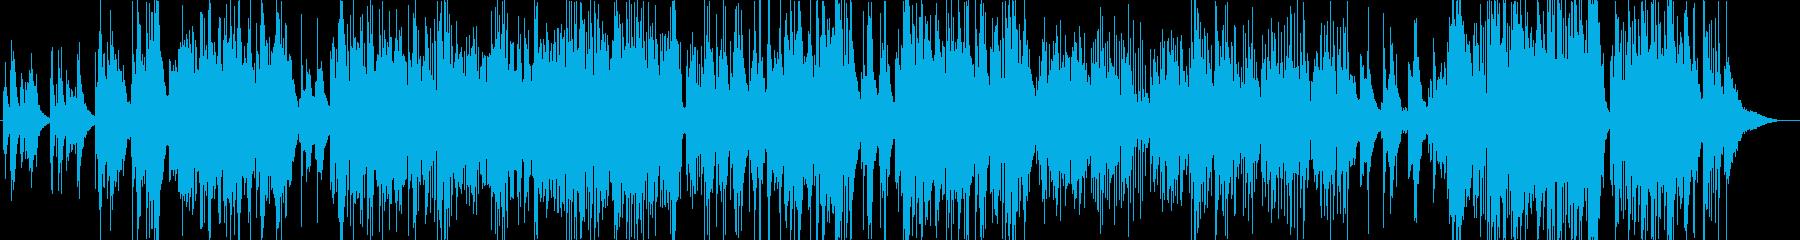 展開が感動的なバラードの再生済みの波形